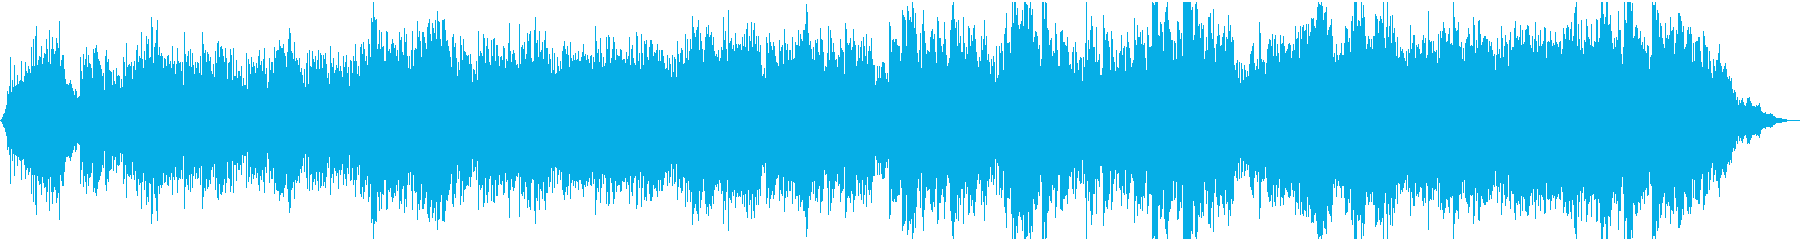 波の音に漂う透明なヒーリングハーモニーの再生済みの波形